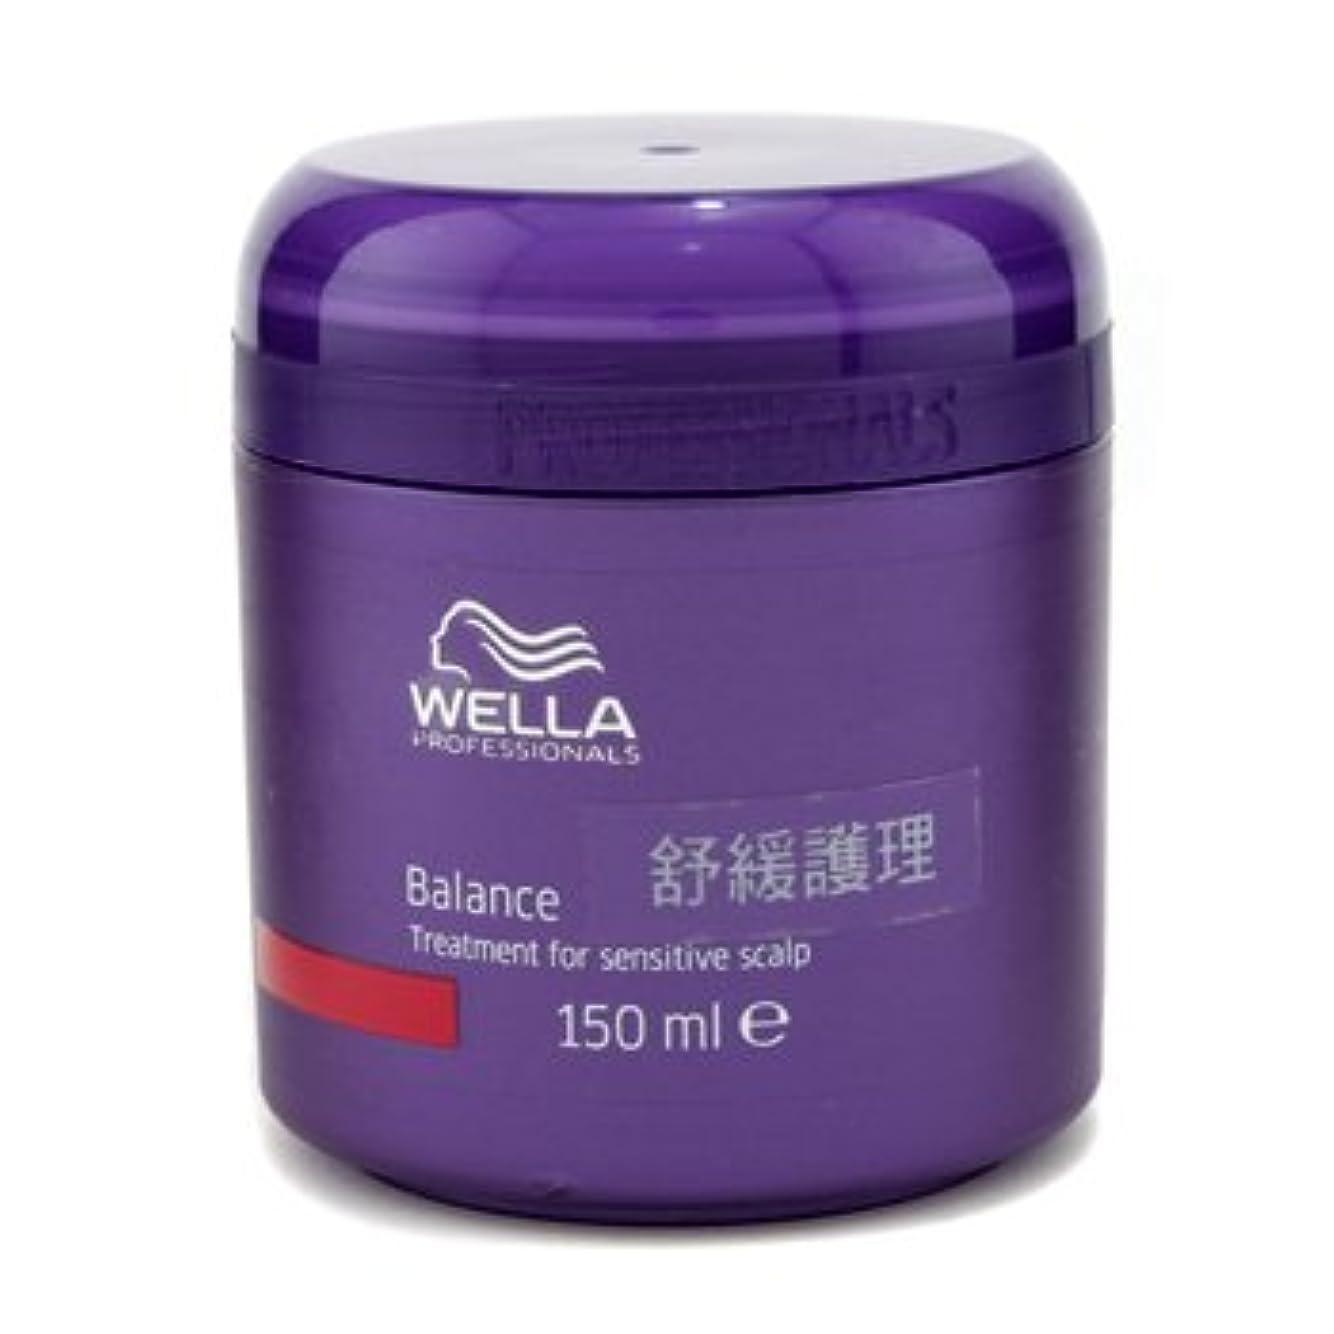 すでに残酷もう一度[ウエラ] バランス トリートメント 敏感な地肌用 150ml/5oz